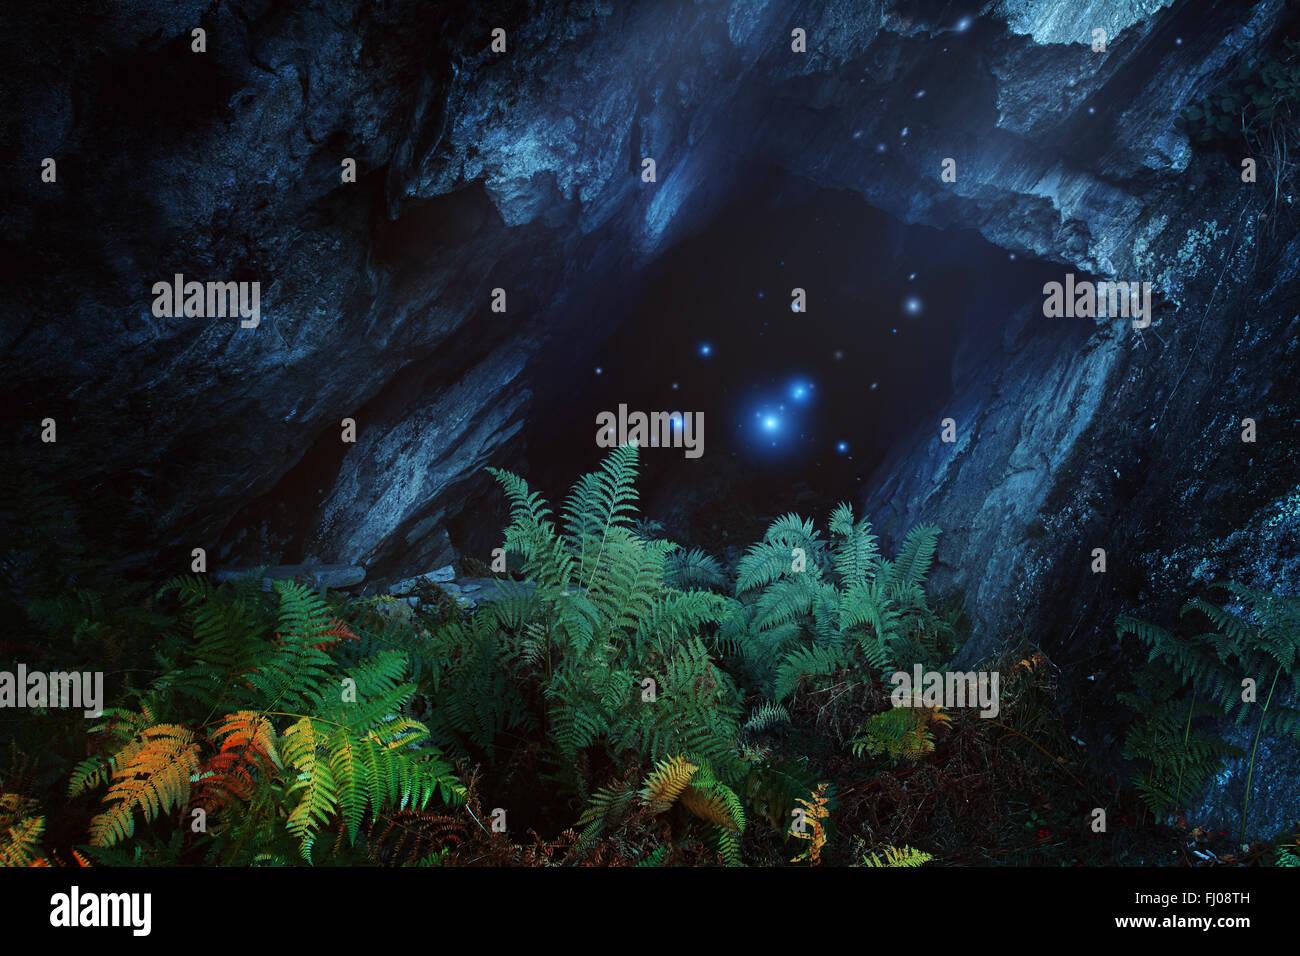 Dunklen magischen Höhle mit Berggeister. Fantasie und surreal Stockbild